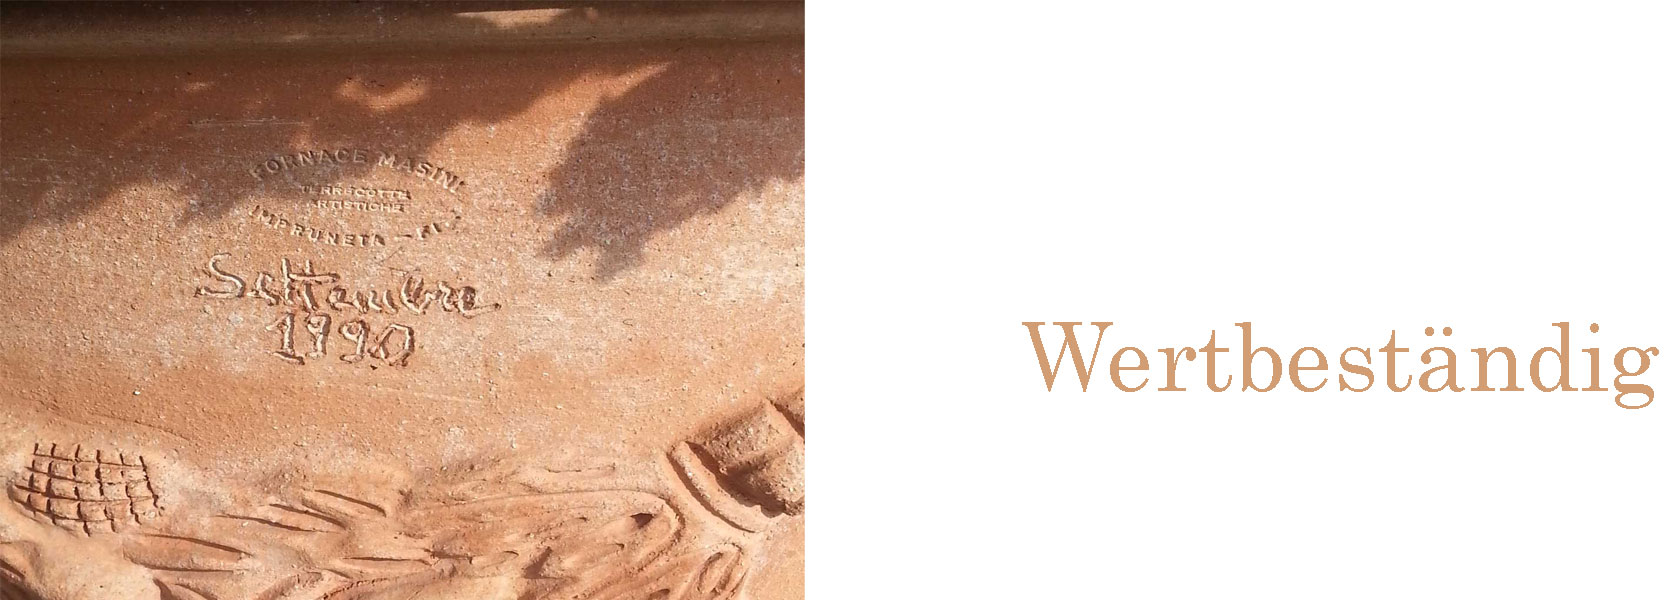 Term hlen terracotta impruneta der online shop for Masini terrecotte impruneta